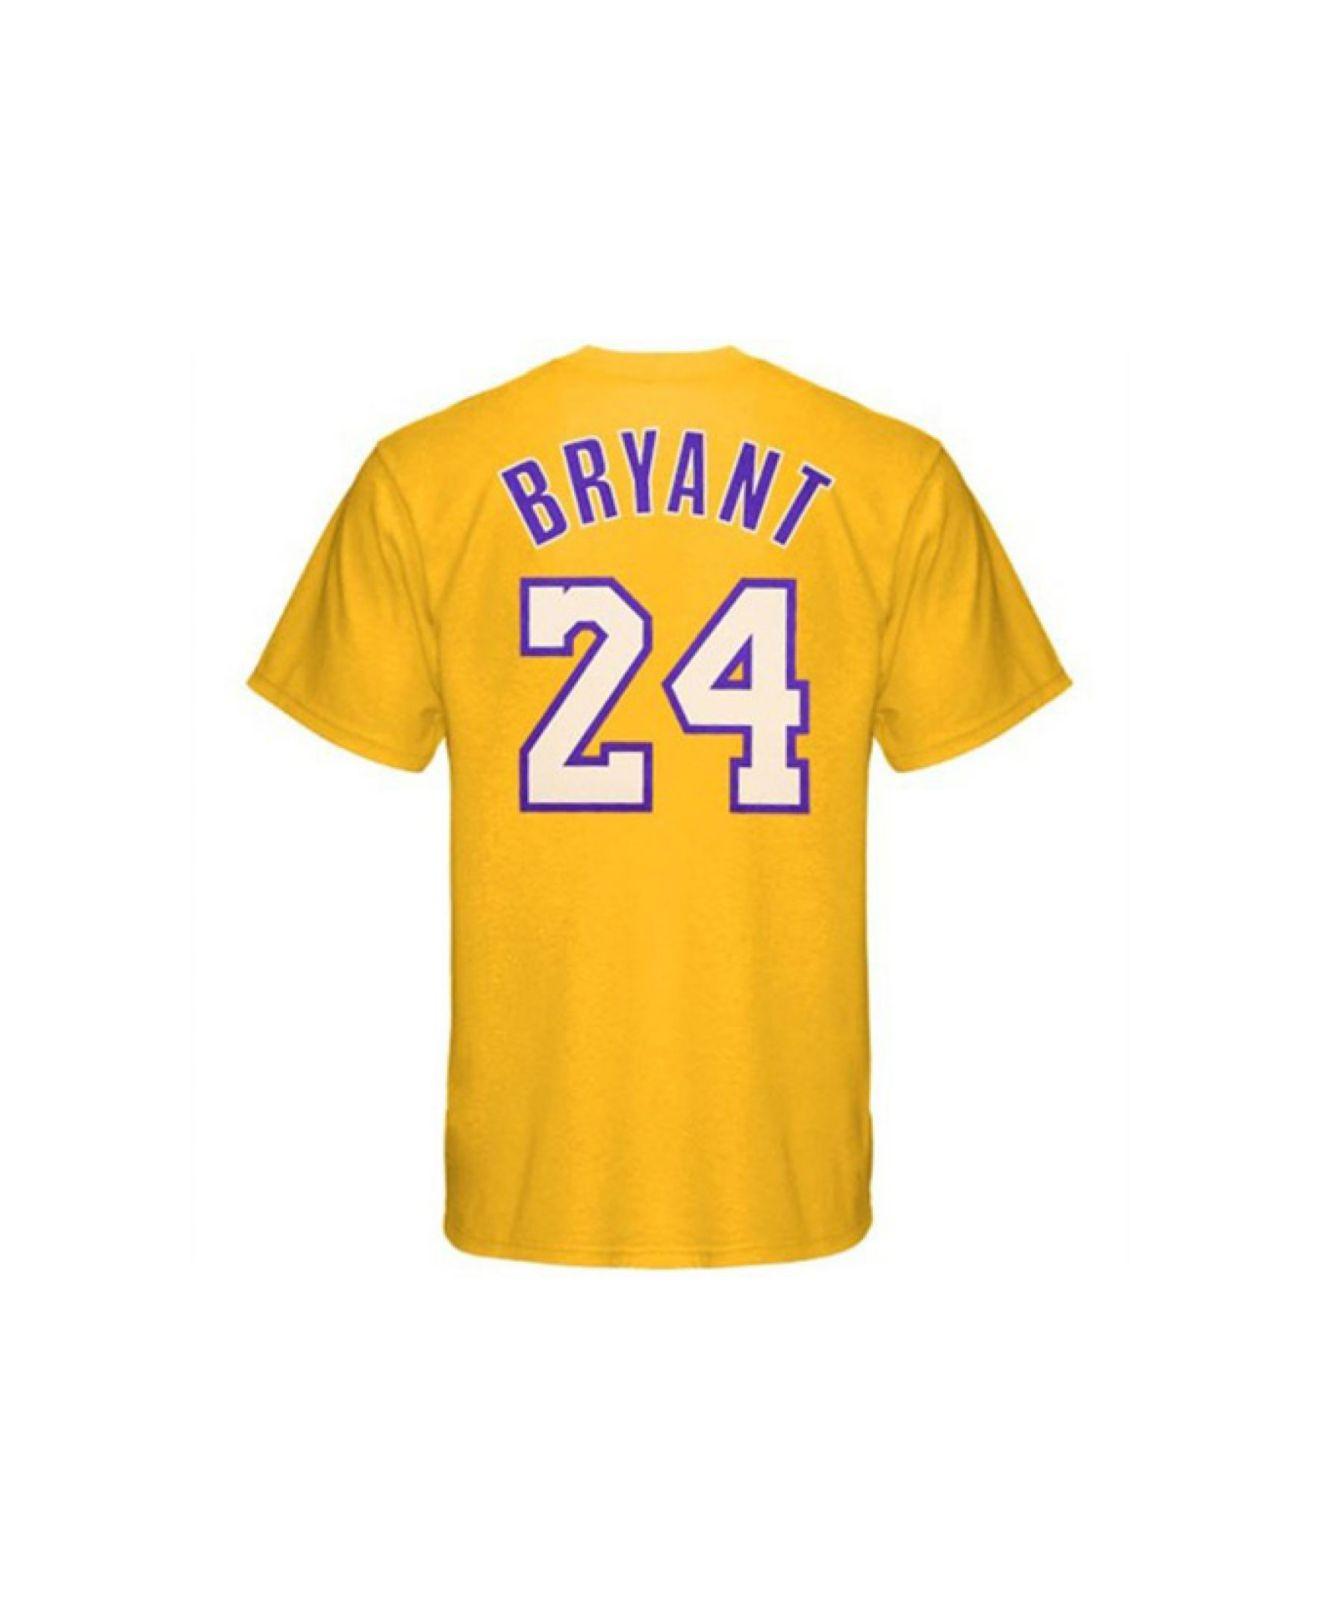 Kobe Bryant Backpacks >> Adidas originals Men's Los Angeles Lakers Kobe Bryant Player T-shirt in Metallic for Men | Lyst